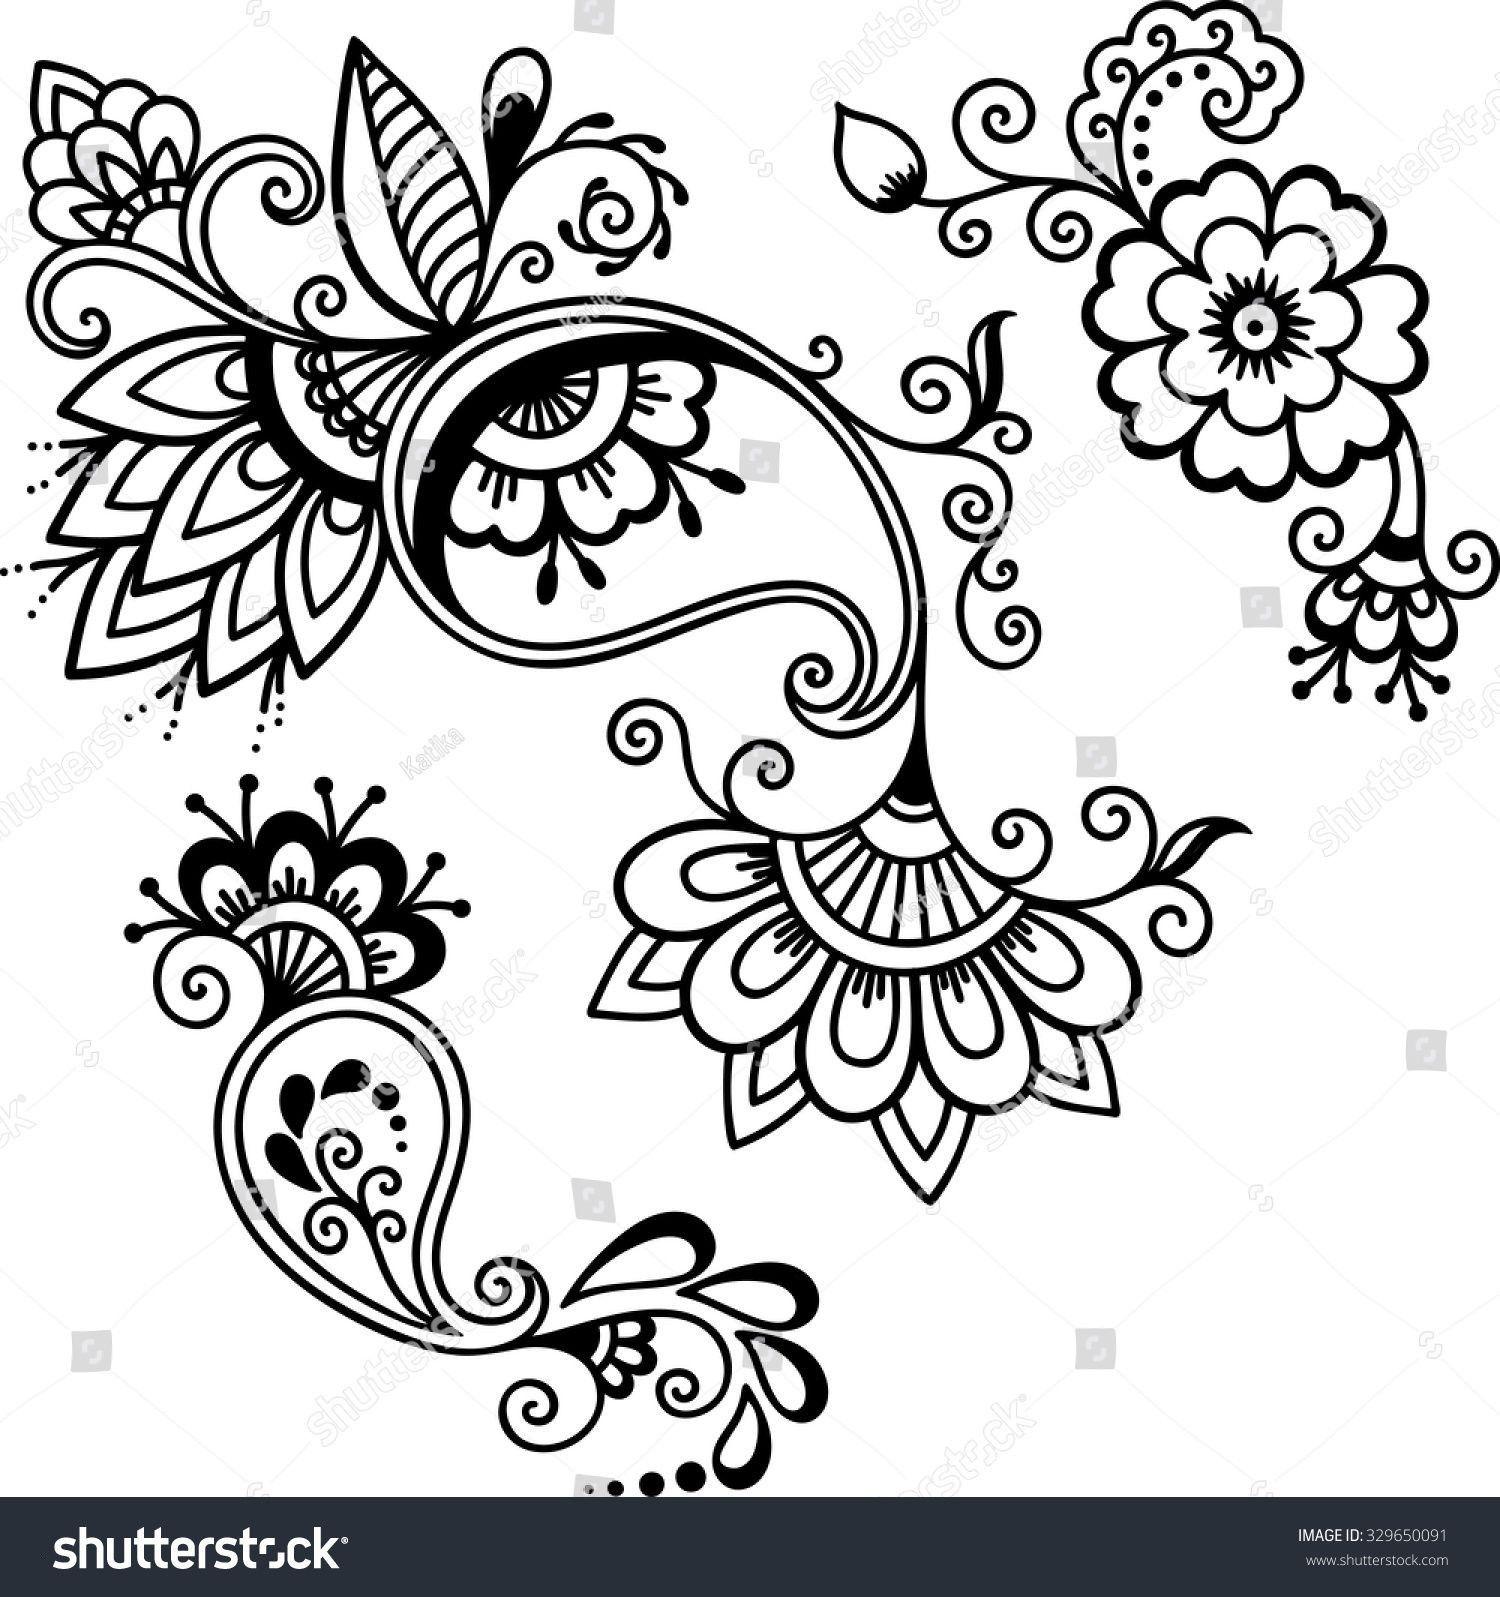 98 Inspirierend Schmetterling Mit Blume Zum Ausmalen Fotografieren Ausmalen Tattoo Blumen Und Schmetterlinge Ausmalbild